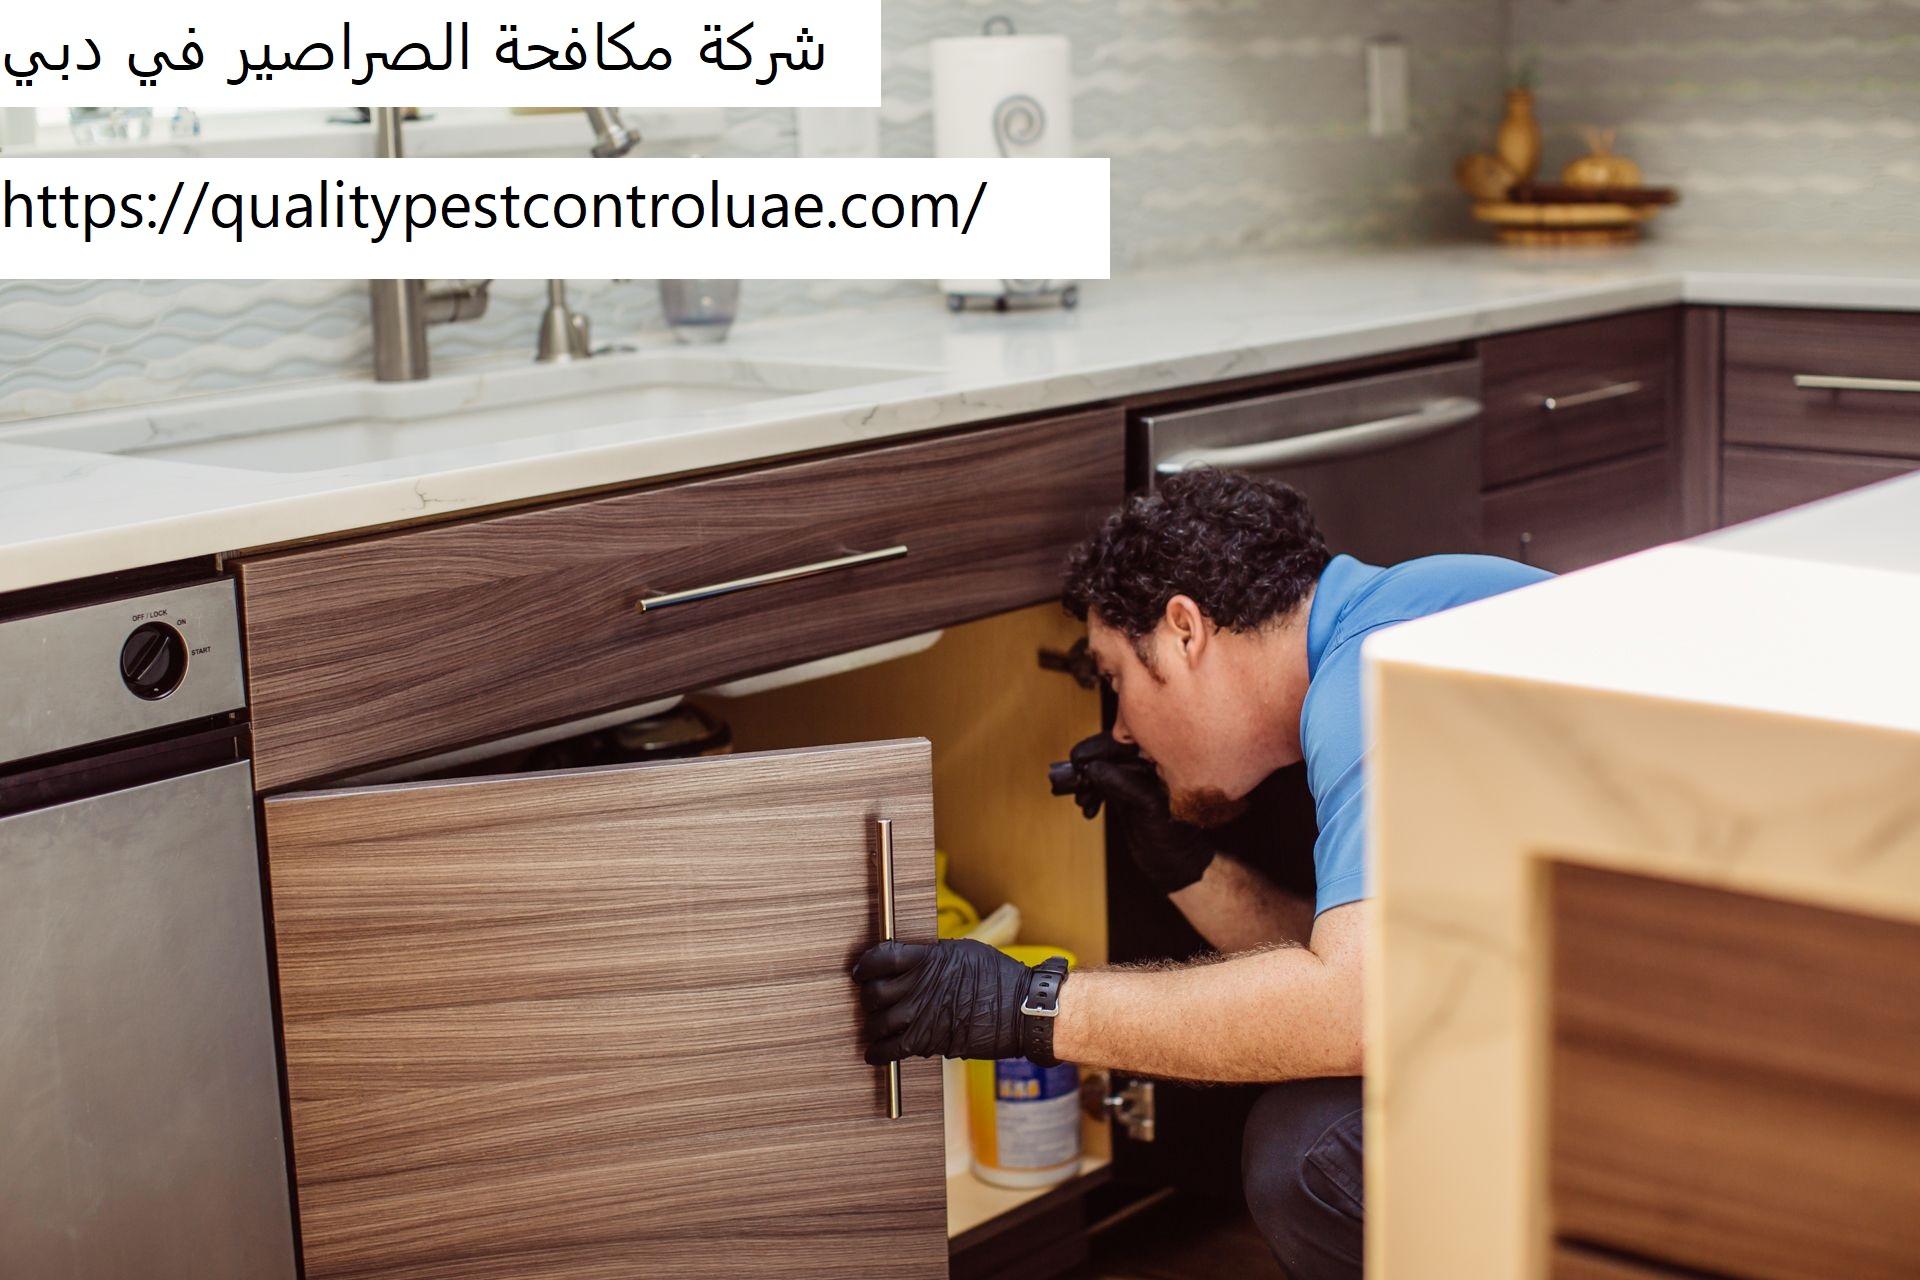 شركة مكافحة الصراصير في دبي